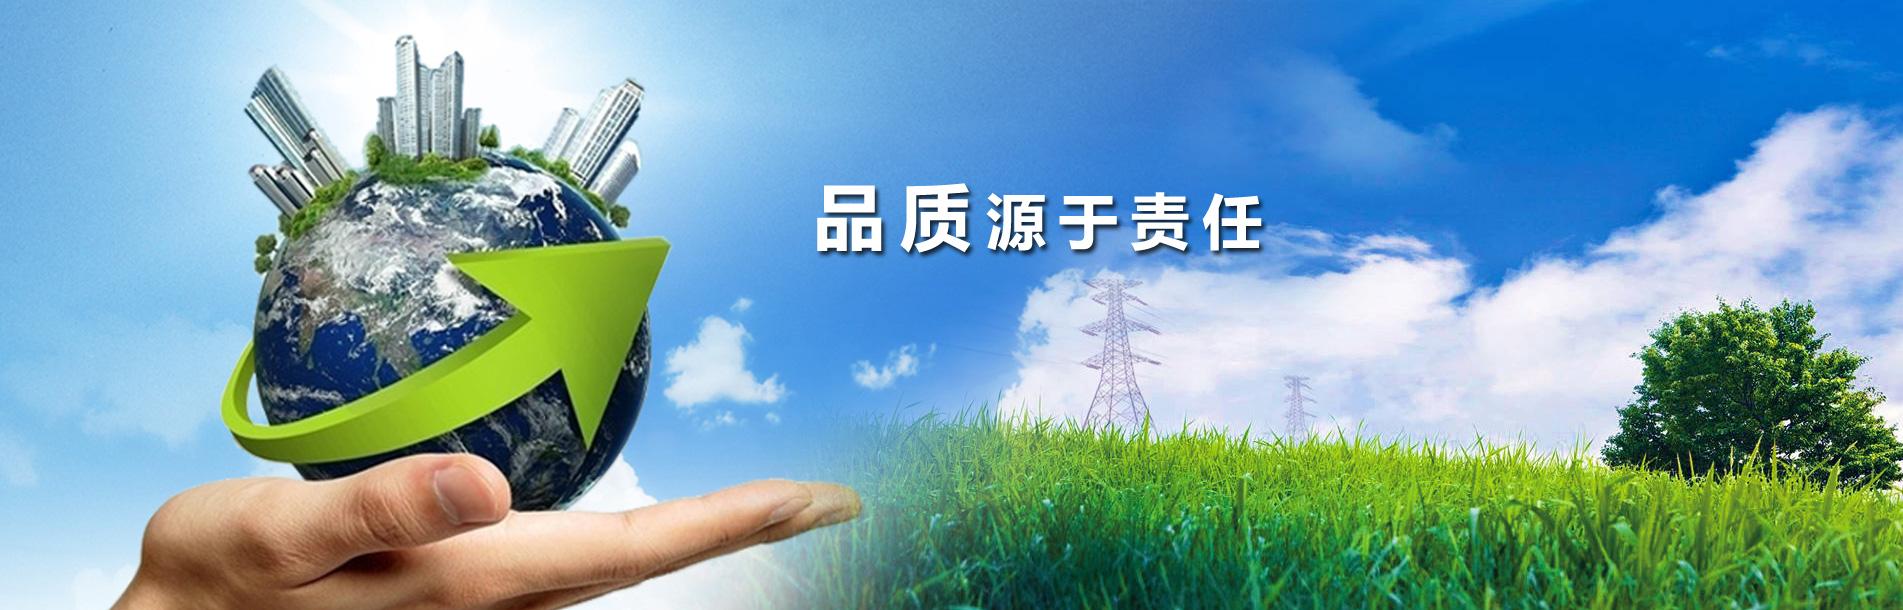 西安龙腾新能源科技发展有限公司